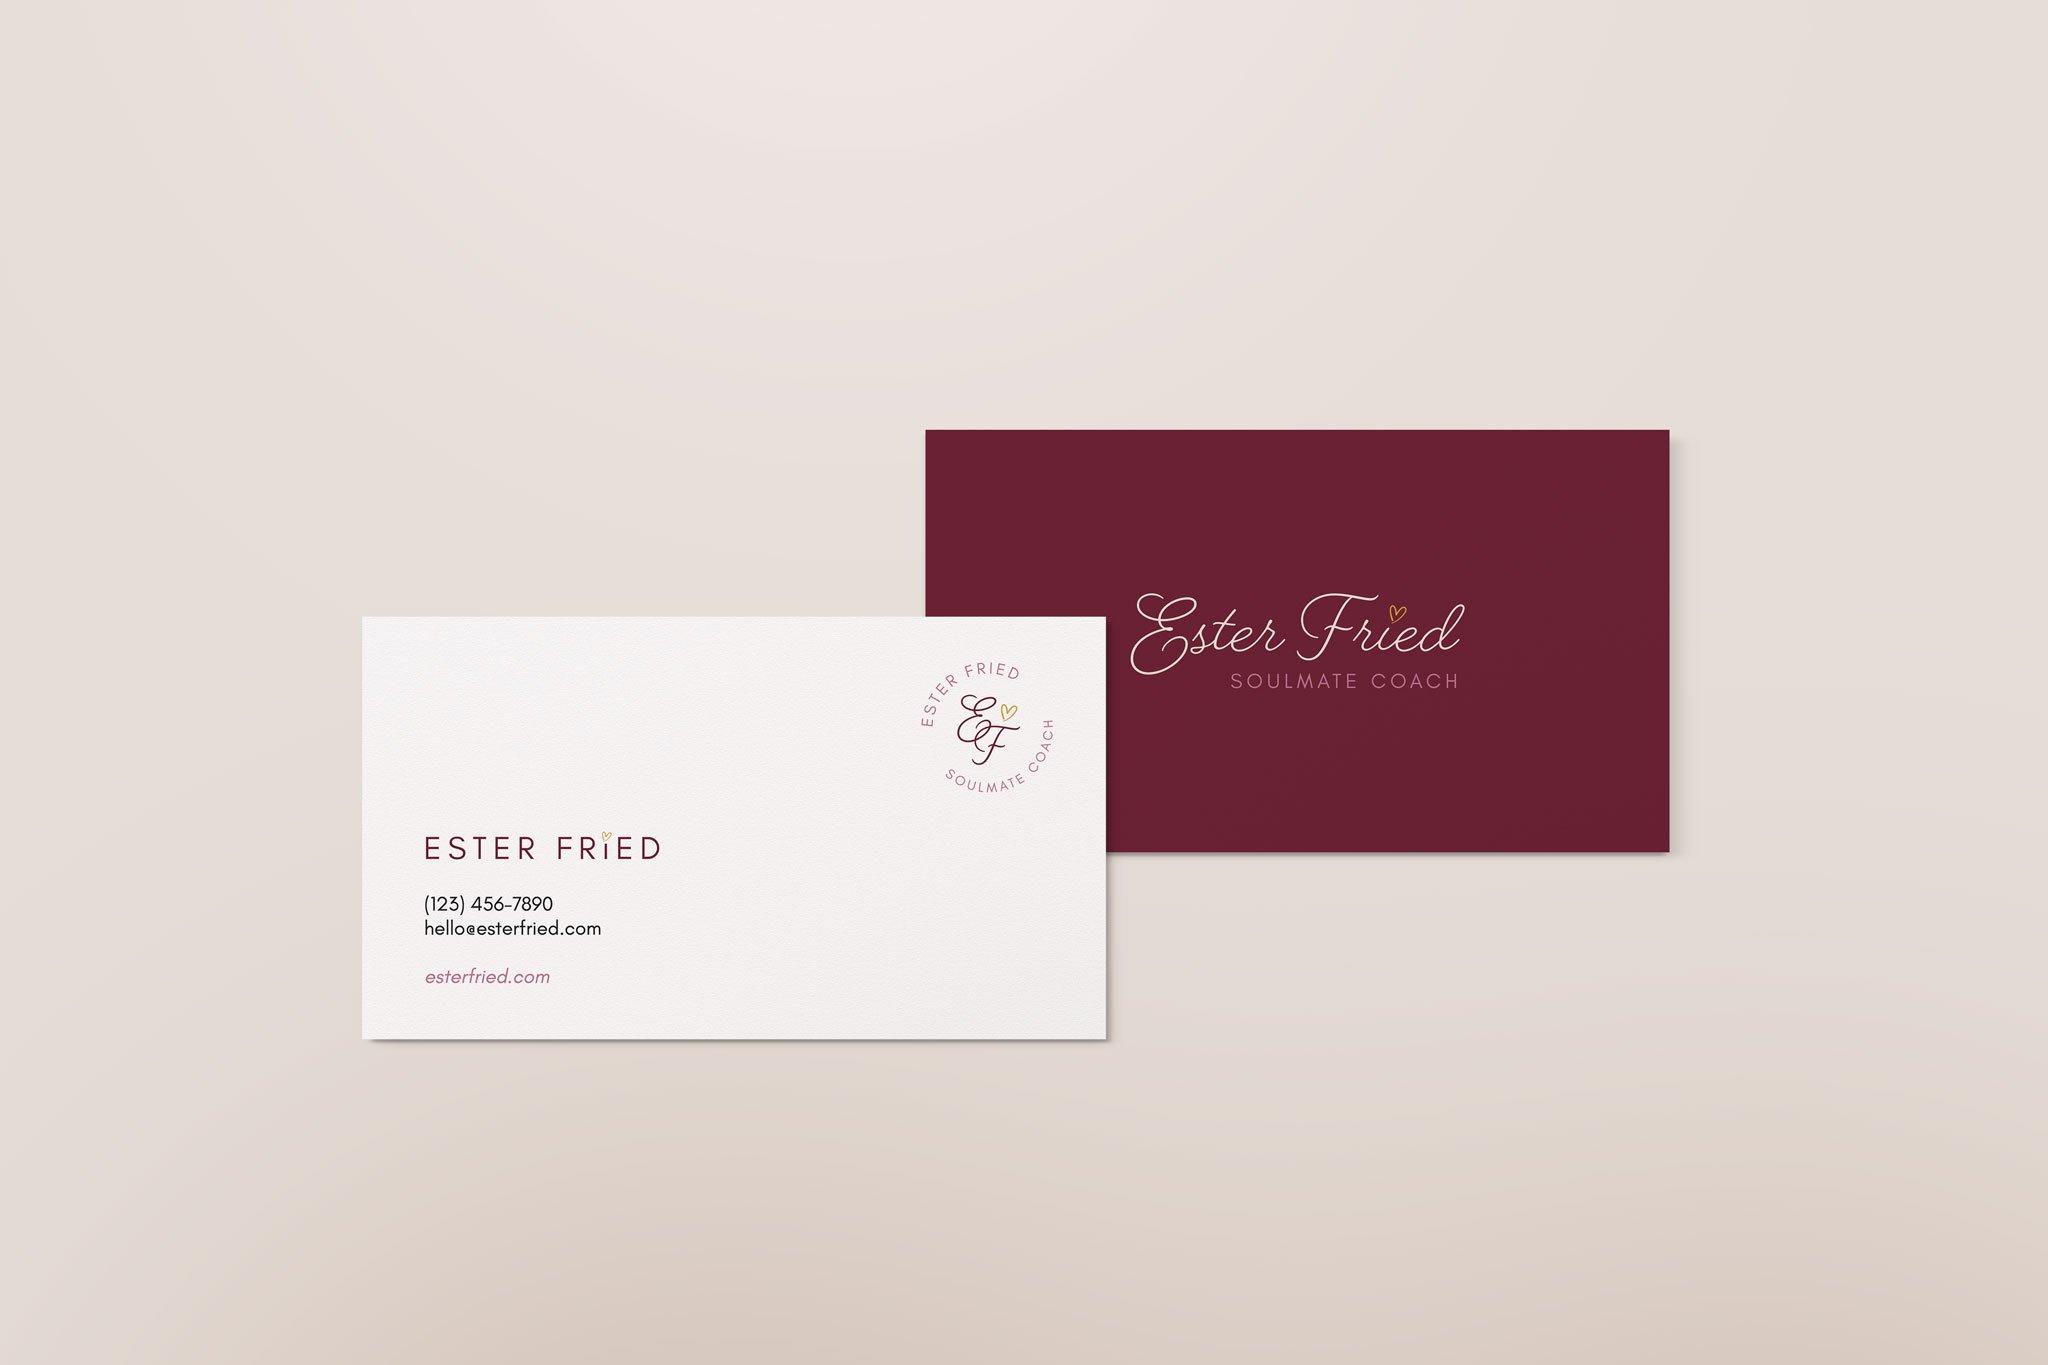 Ester Fried business card mockup